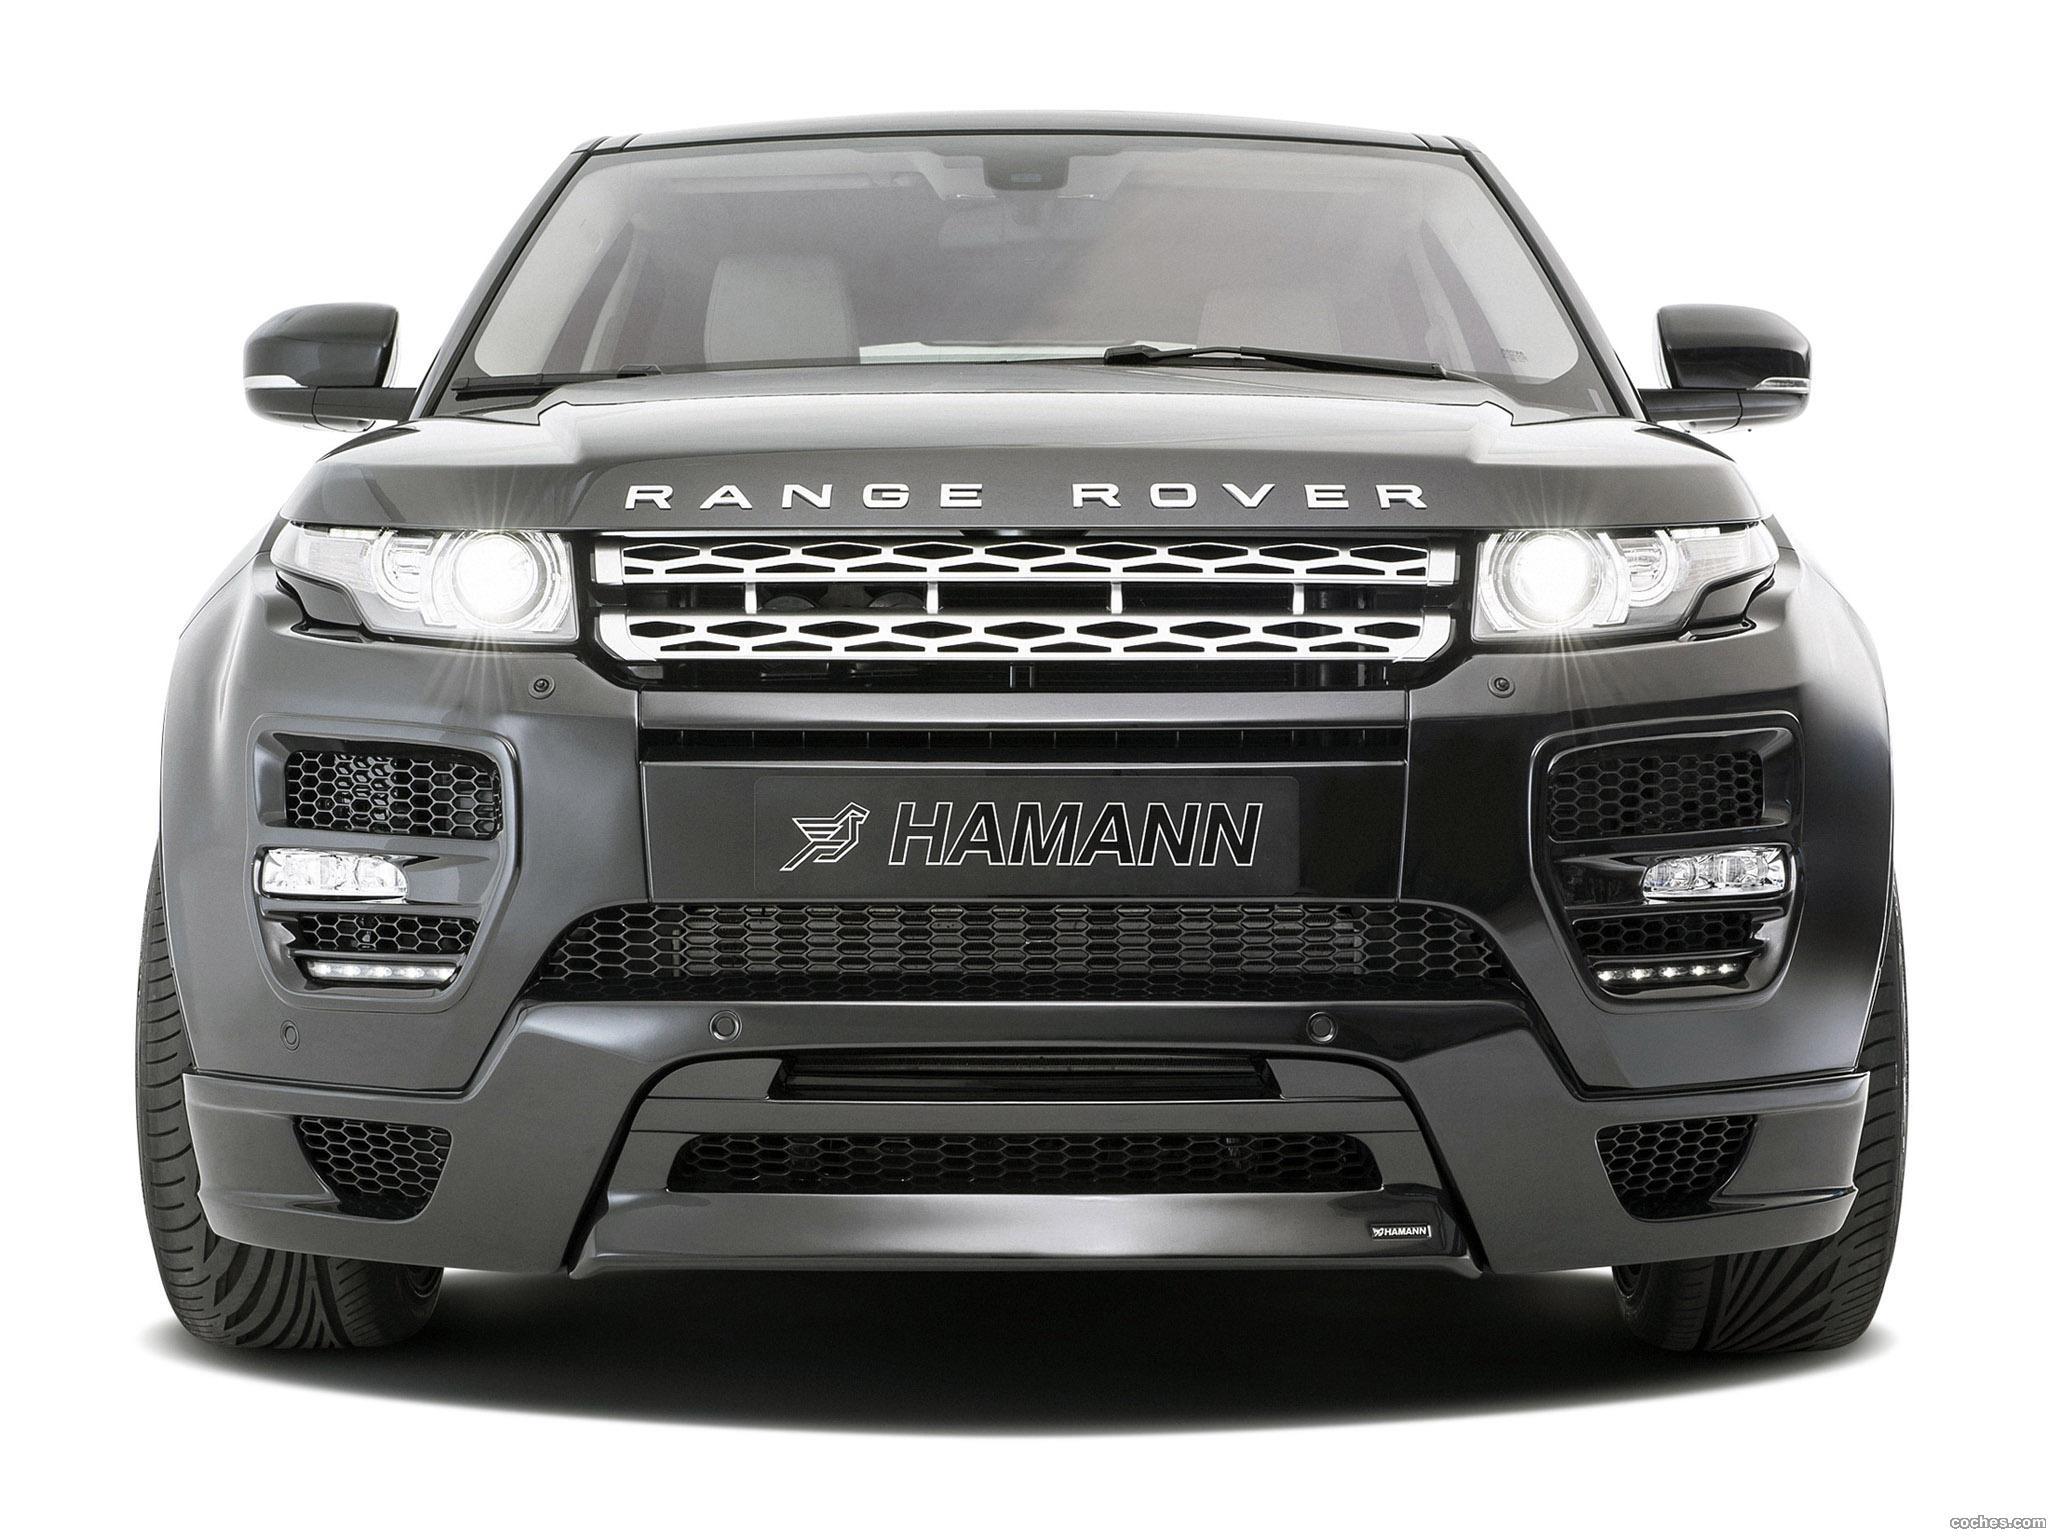 Foto 0 de Hamann Land Rover Range Rover Evoque SI4 2012